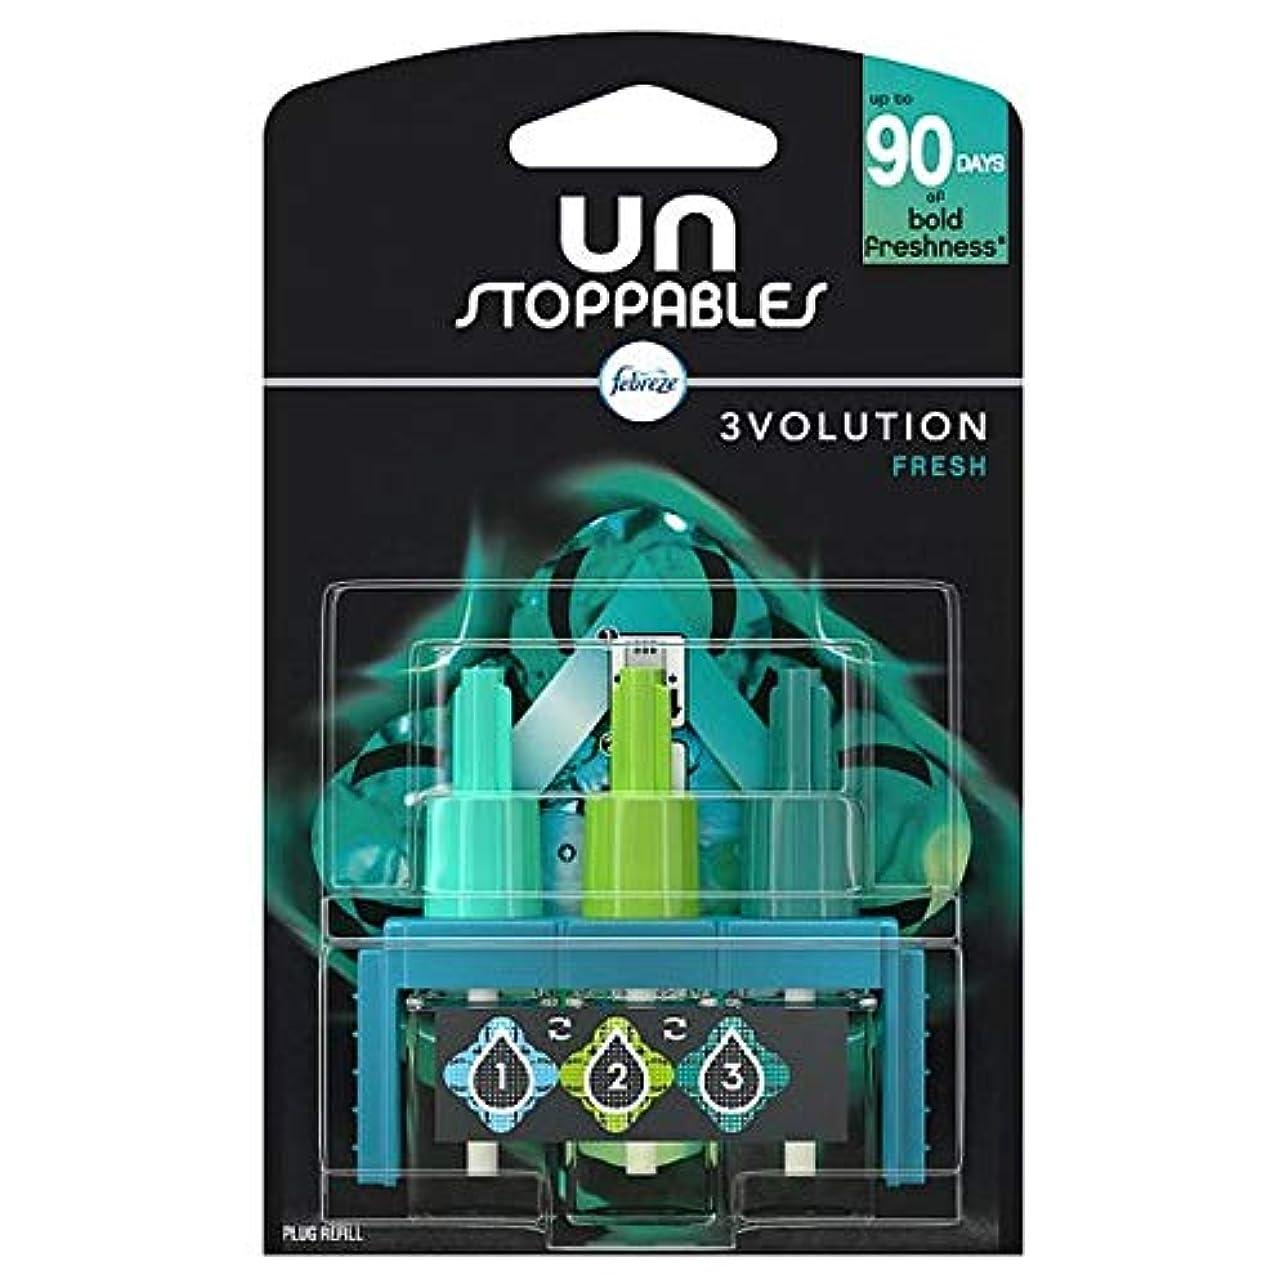 起こる香り予算[Febreze] リフィル20ミリリットルでUnstoppables 3Volution新鮮なプラグイン - Unstoppables 3Volution Fresh Plug In Refill 20Ml [並行輸入品]